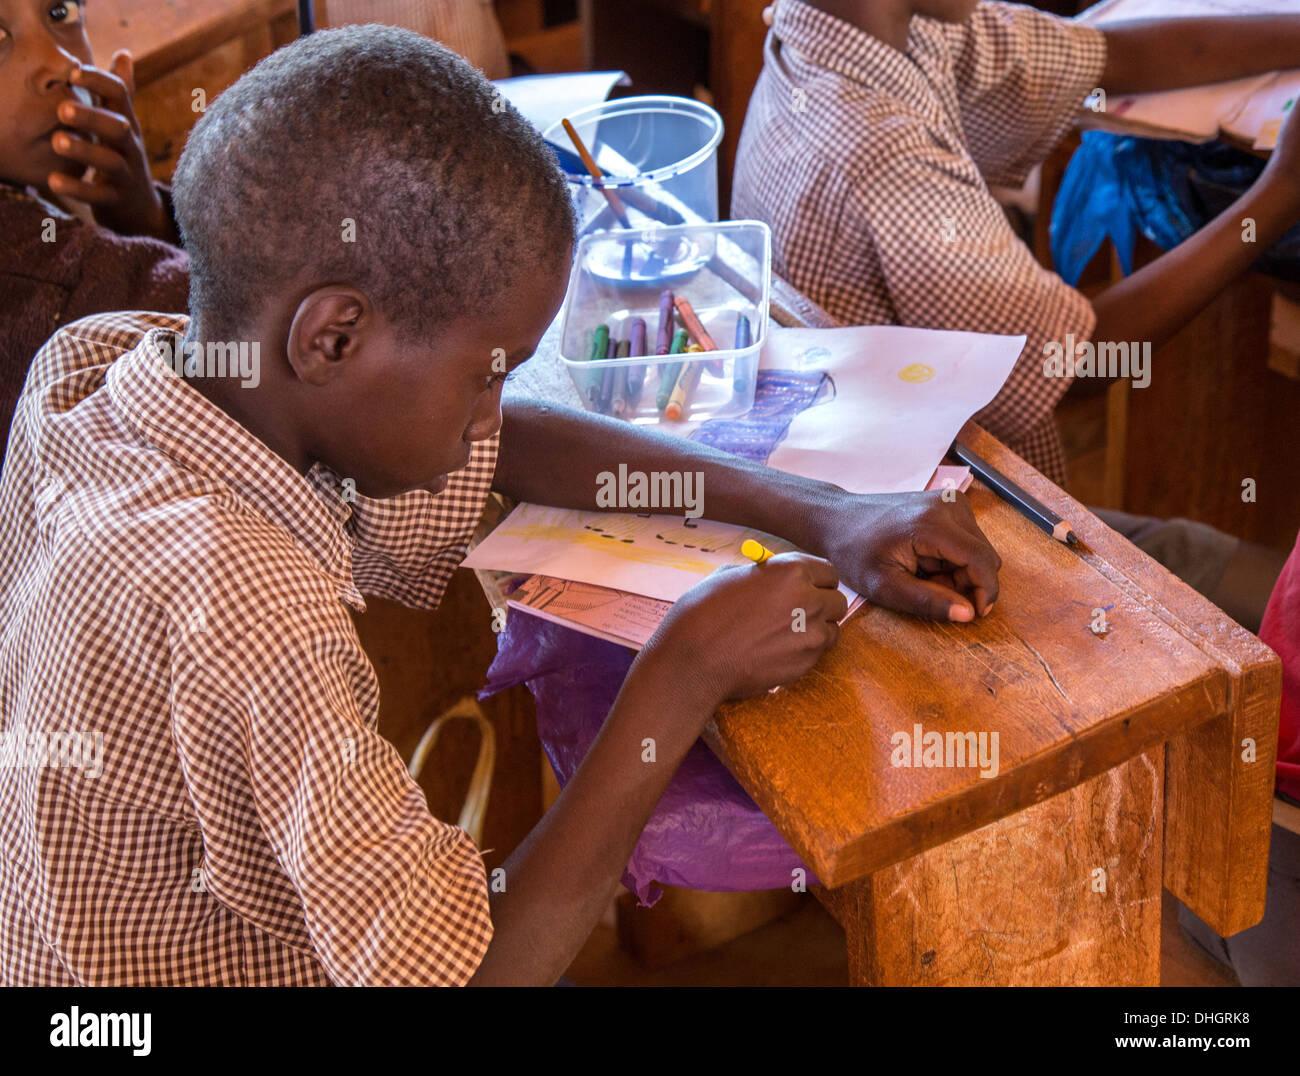 Un écolier dessin dans une classe d'art dans une école primaire dans le sud du Kenya Voi Photo Stock